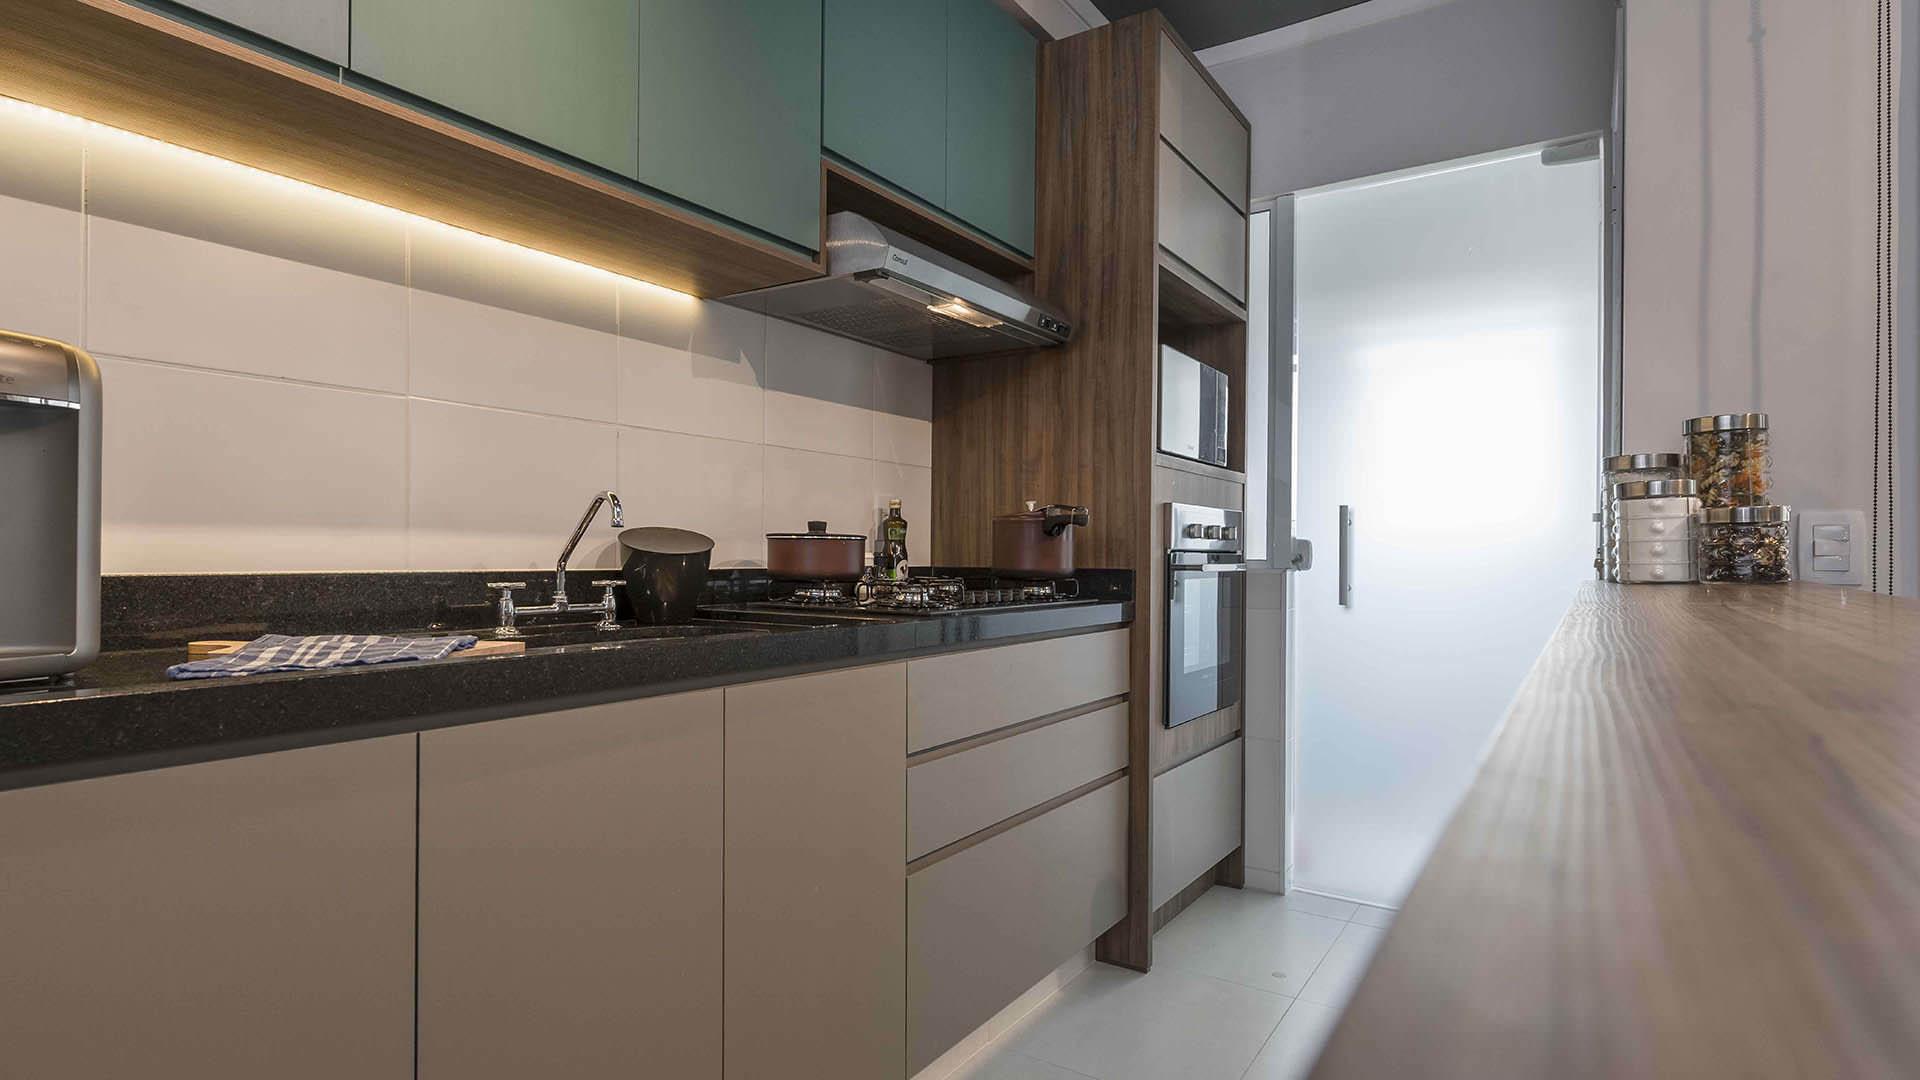 Cozinha Apartamento Pequeno M Veis Planejados2 Espa O Pleno M Veis